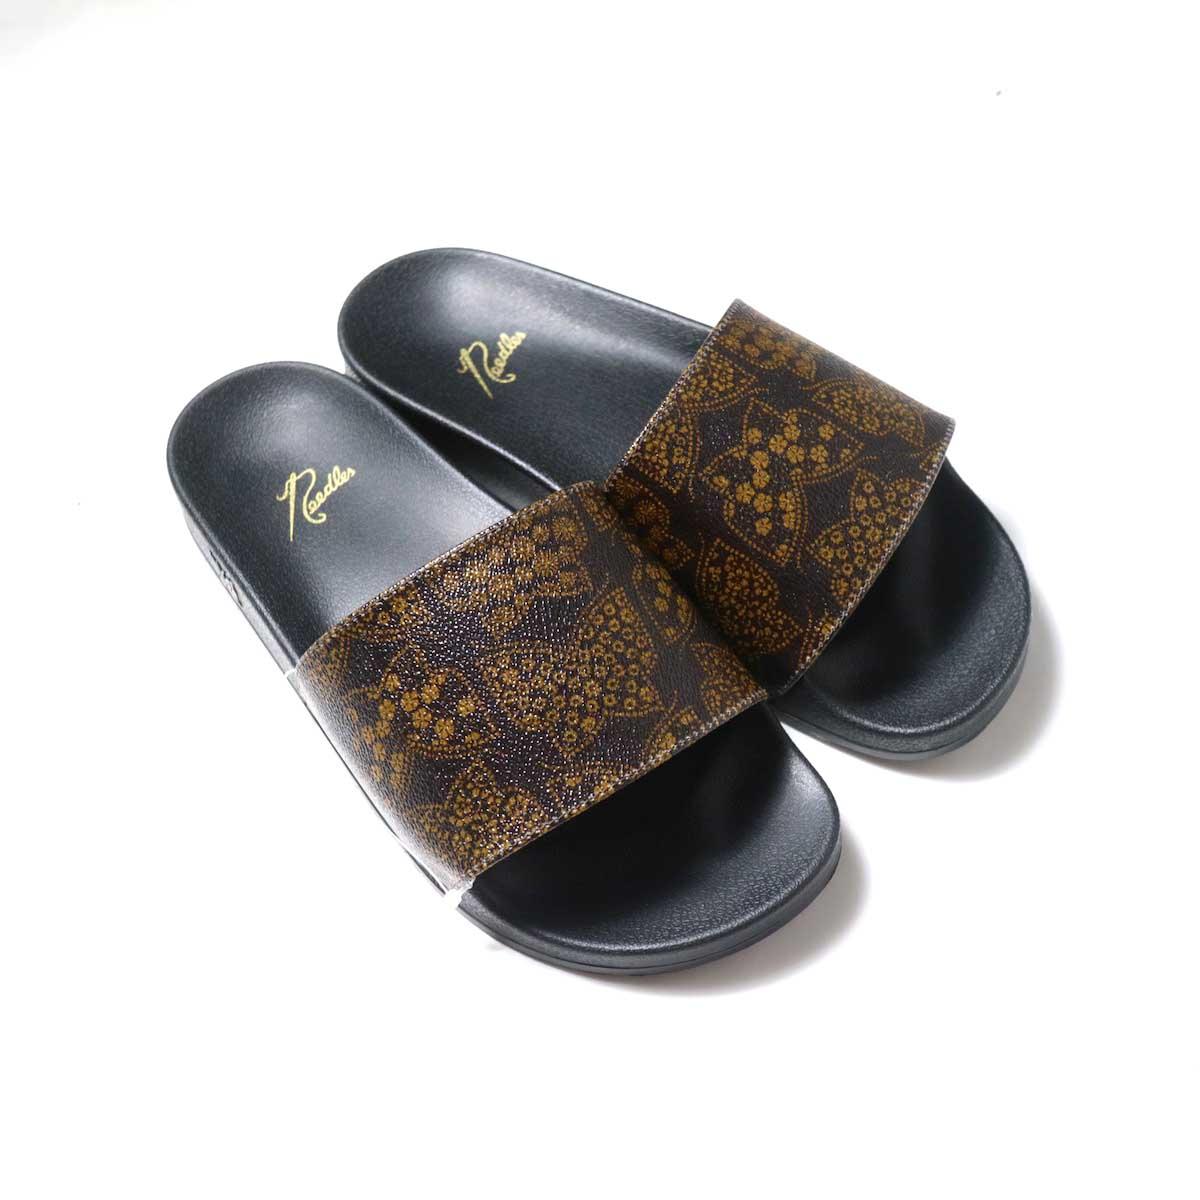 NEEDLES / Shower Sandals -Papillon PVC (Brown)